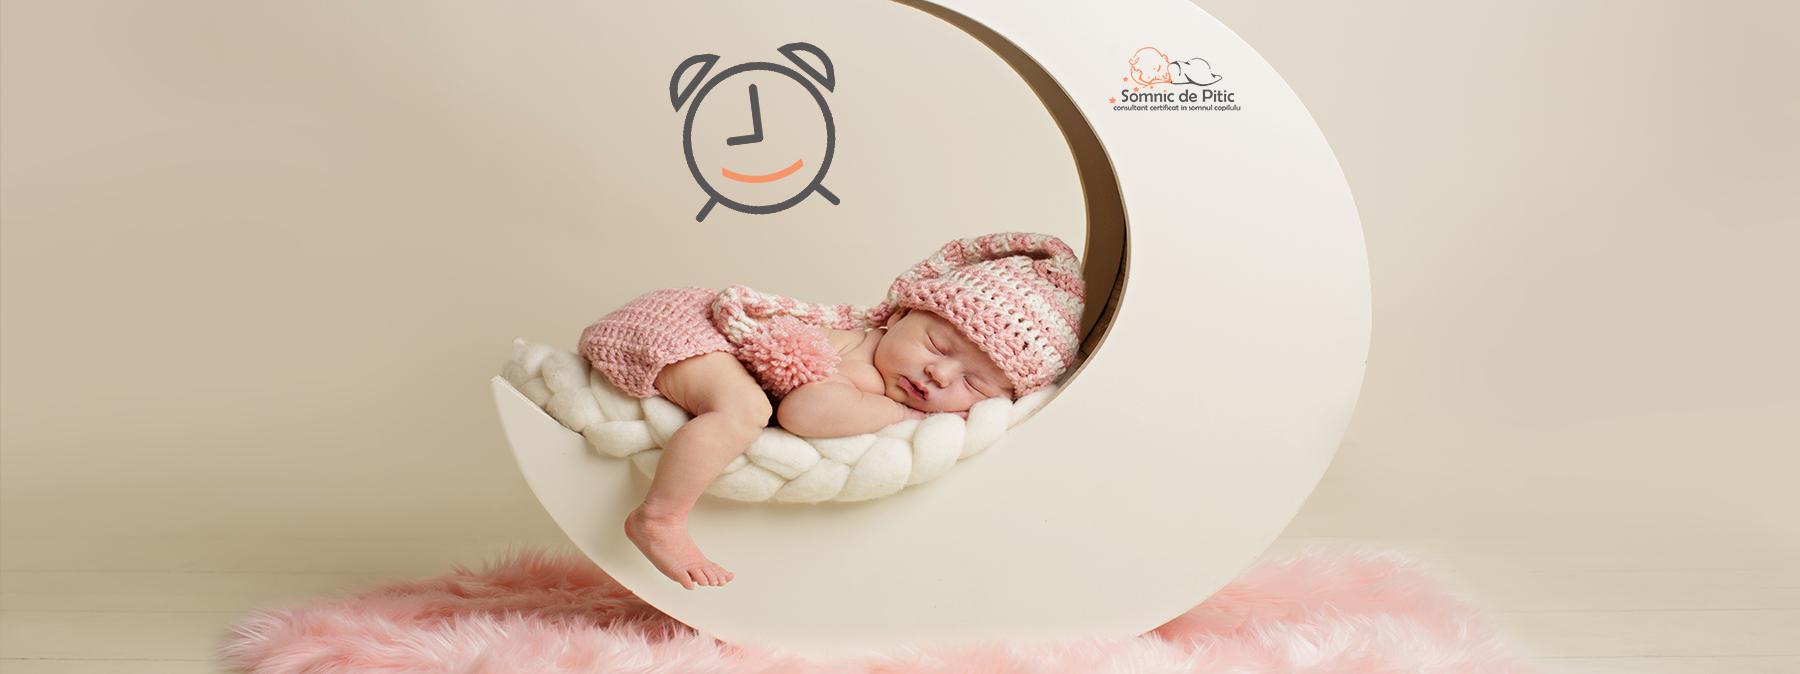 bebelus care doarme intr-un fotoliu semiluna